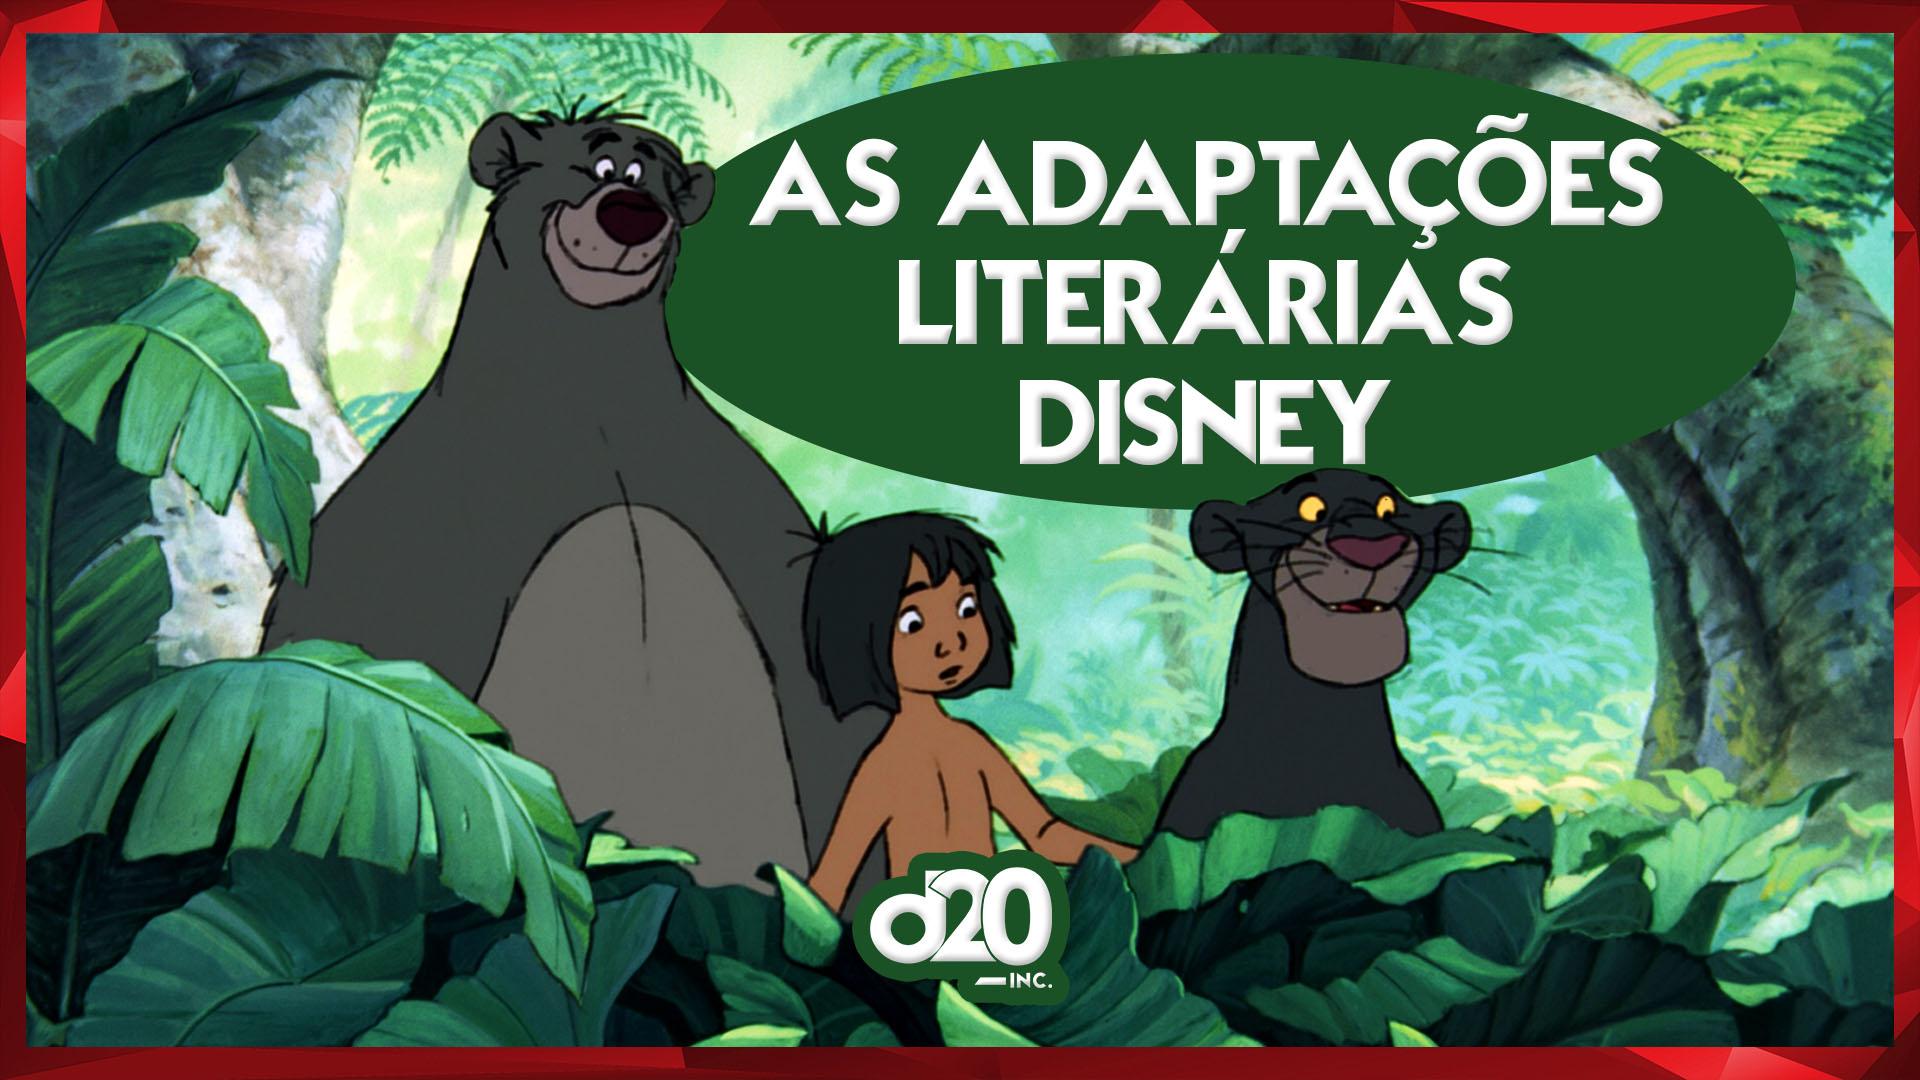 Disney e Suas Adaptações Literárias | D20 Lab 61